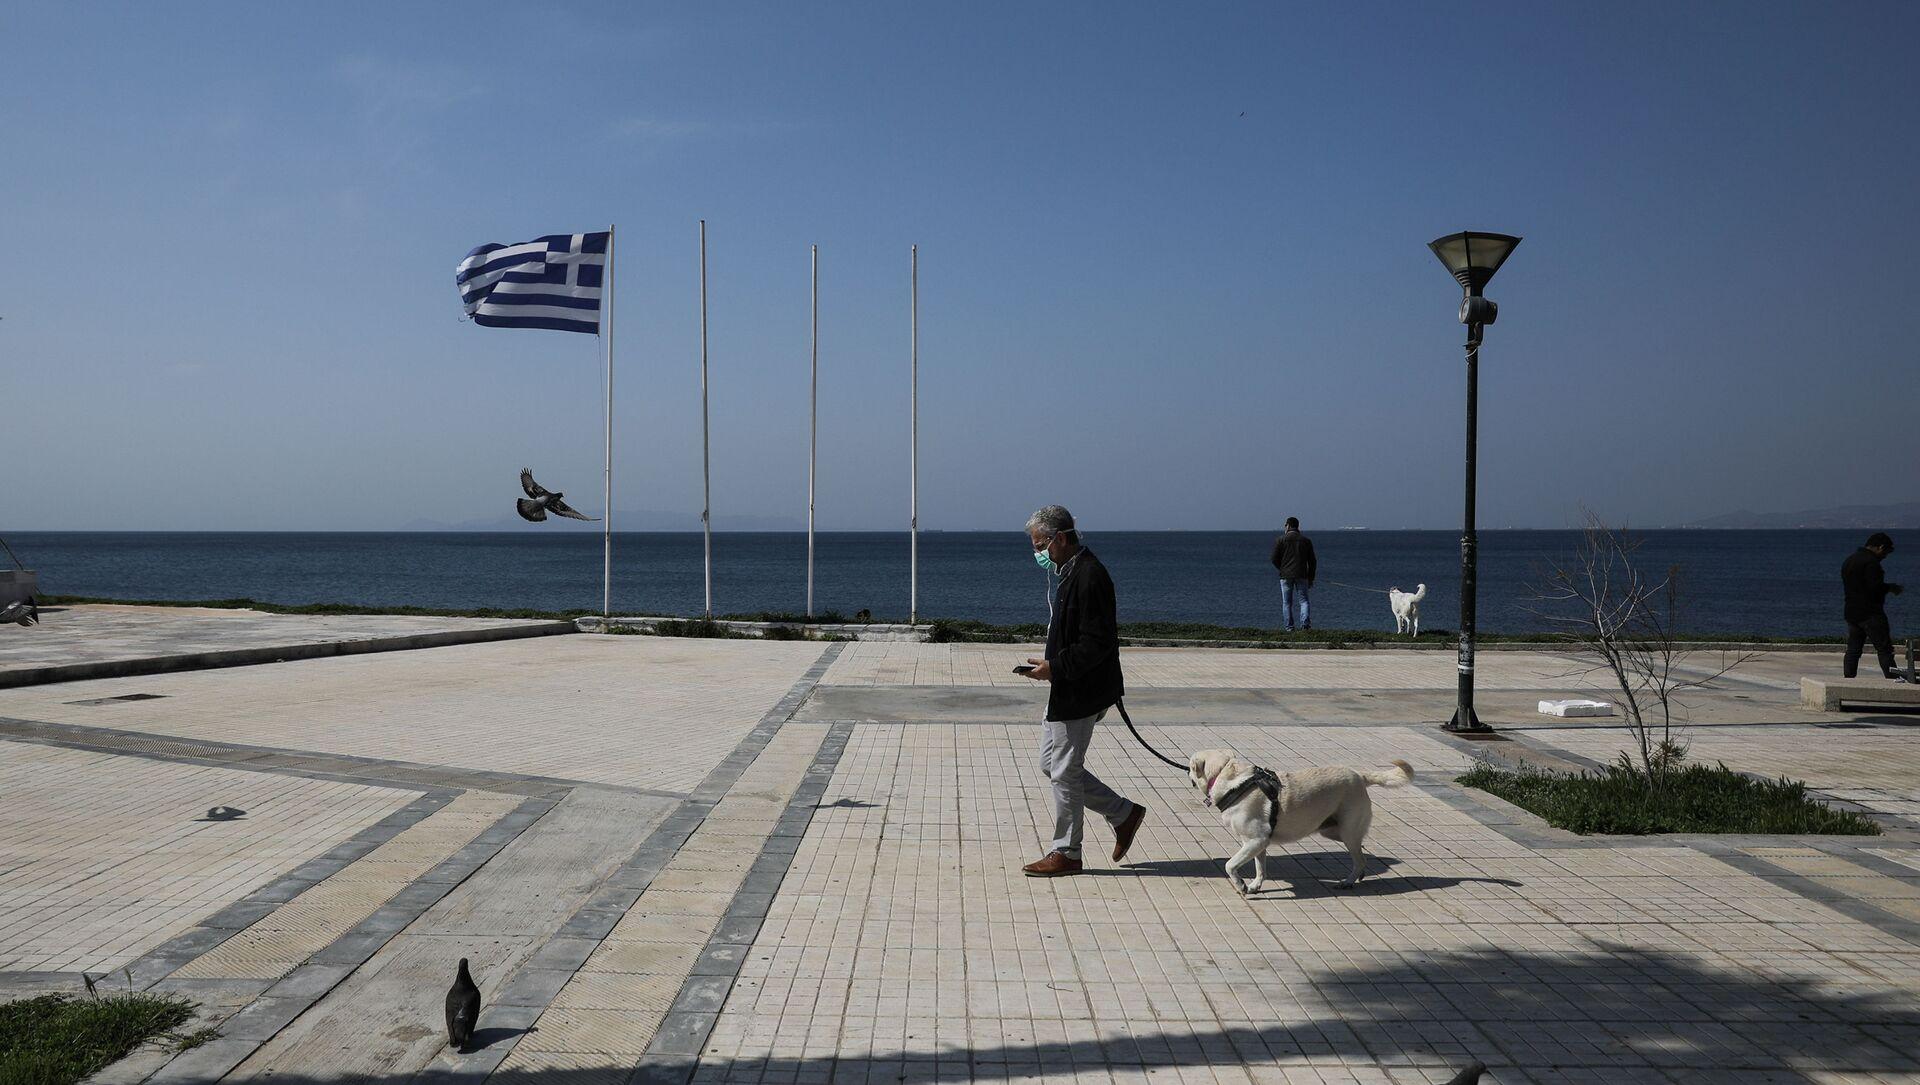 Грчка - Празно шеталише у Атини. - Sputnik Србија, 1920, 27.03.2021